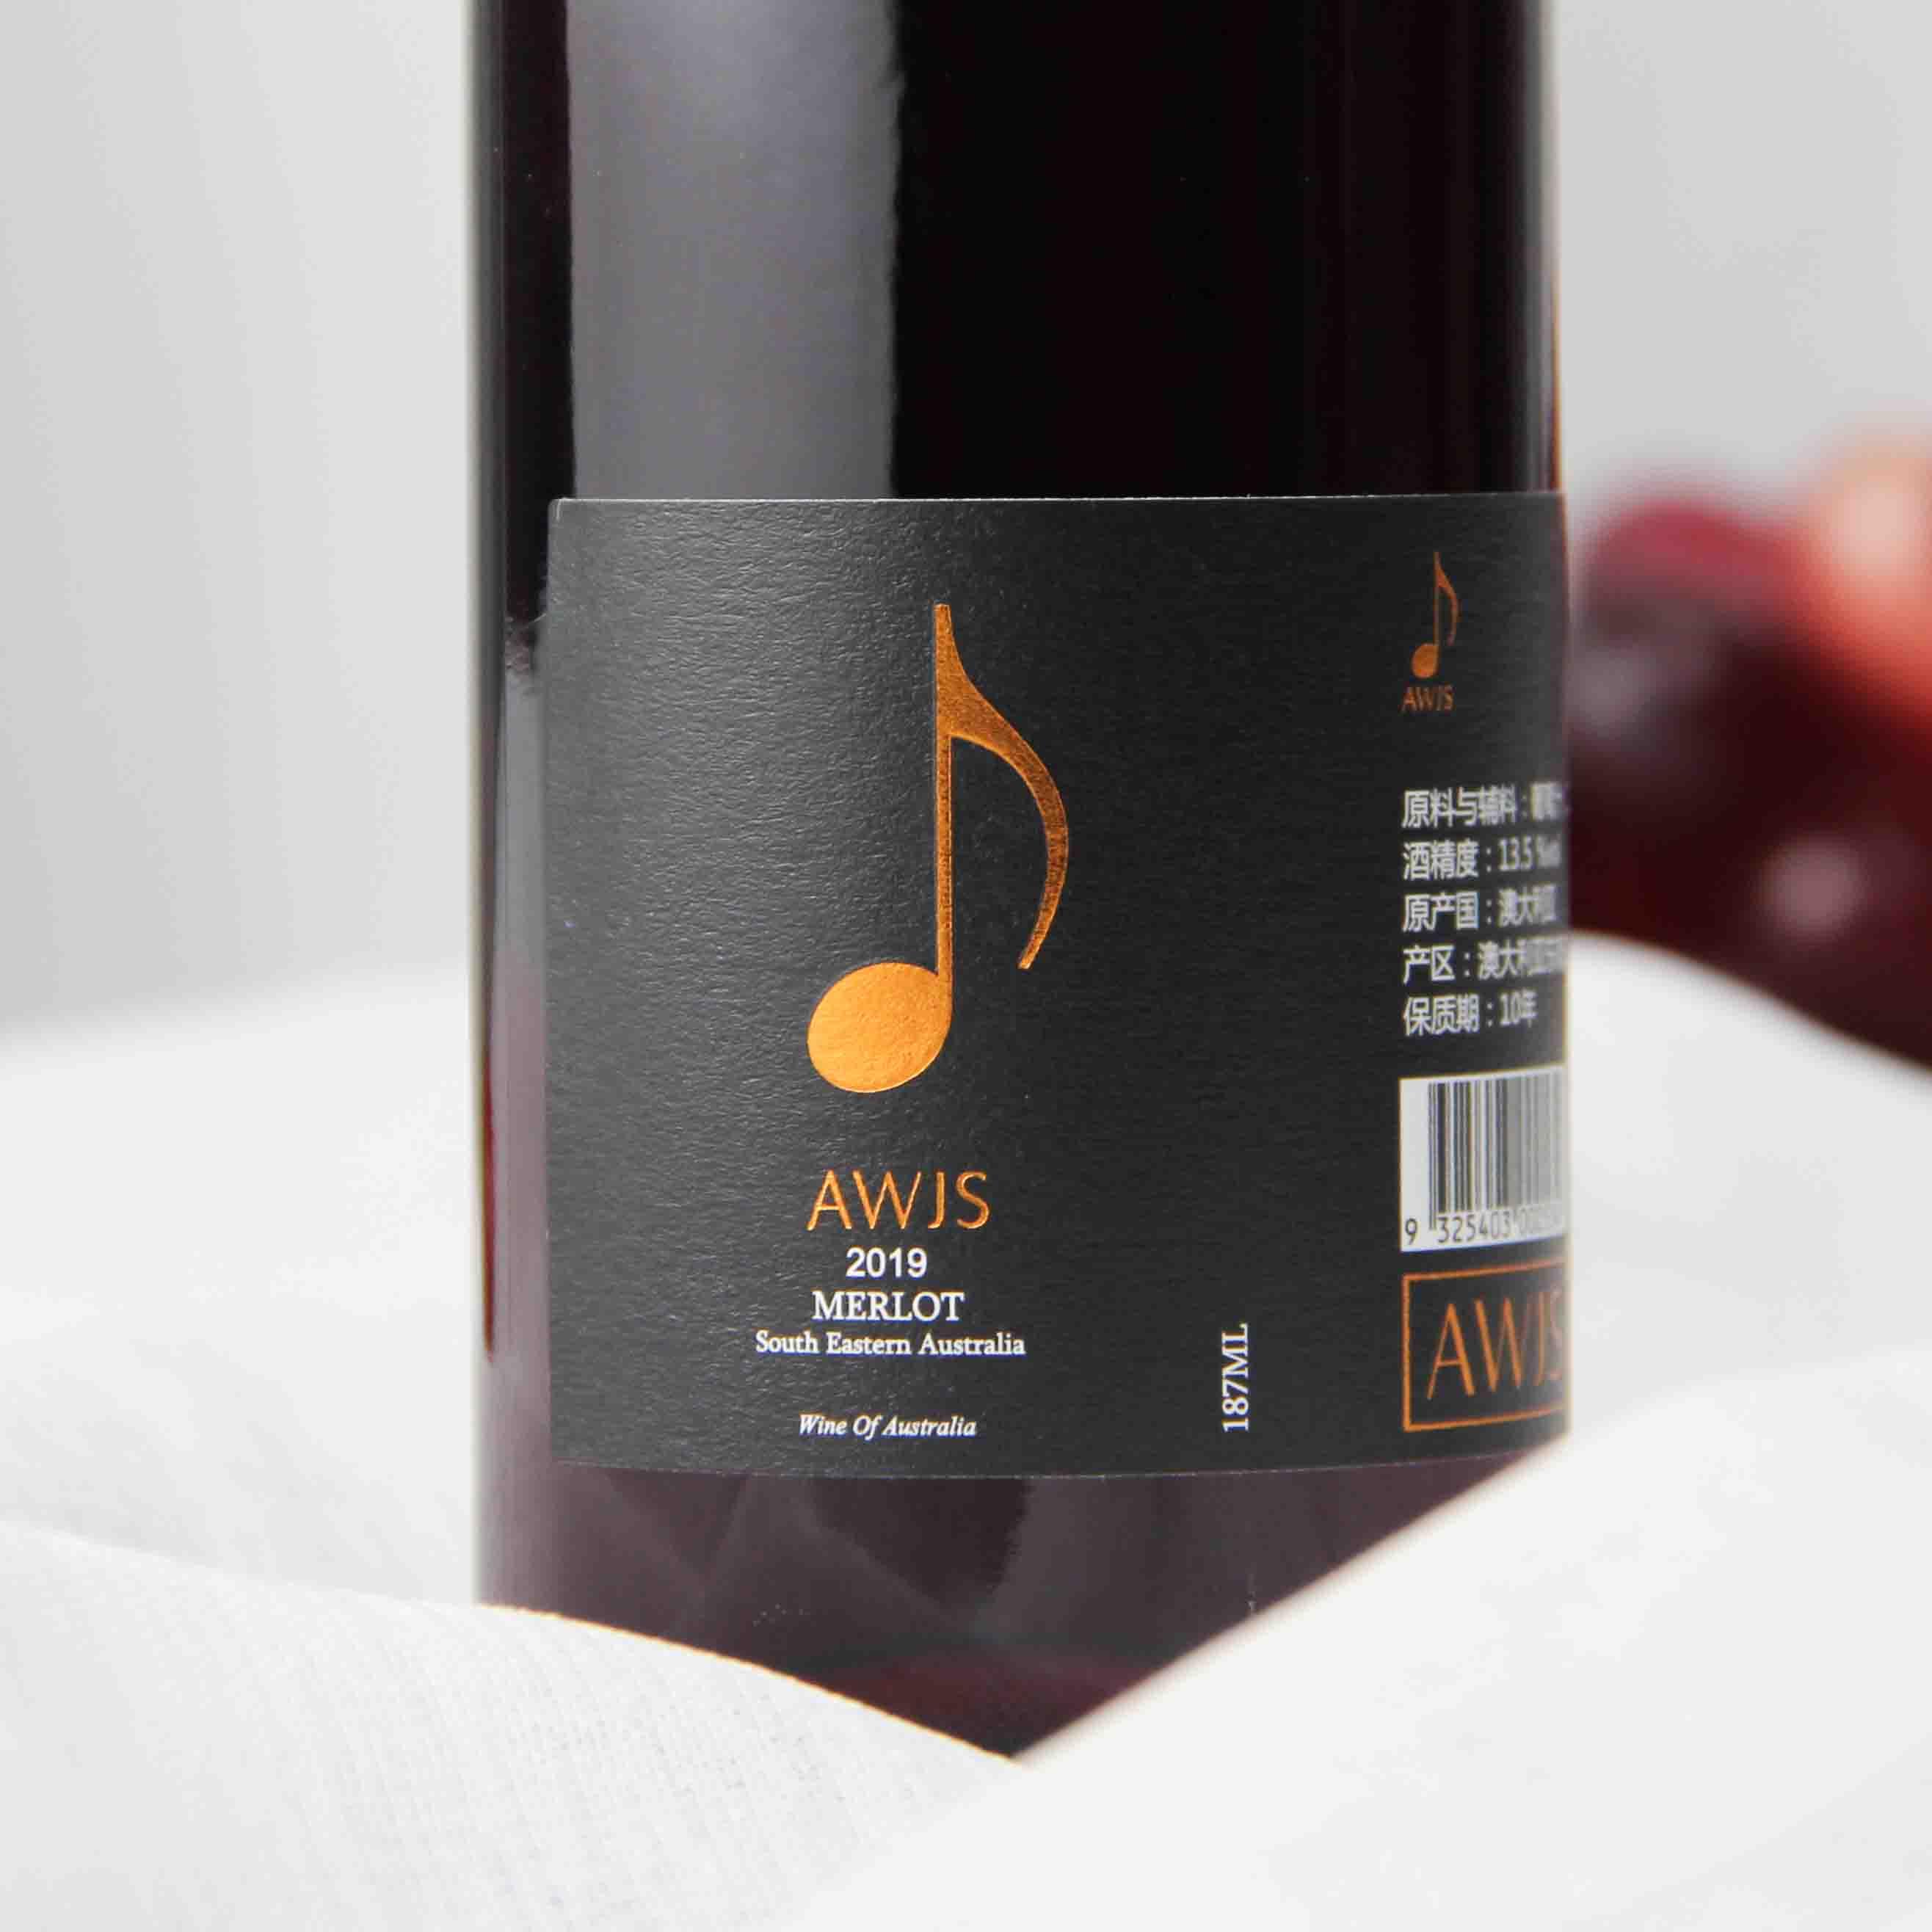 澳大利亚东南部音符・经典系列-梅乐红葡萄酒